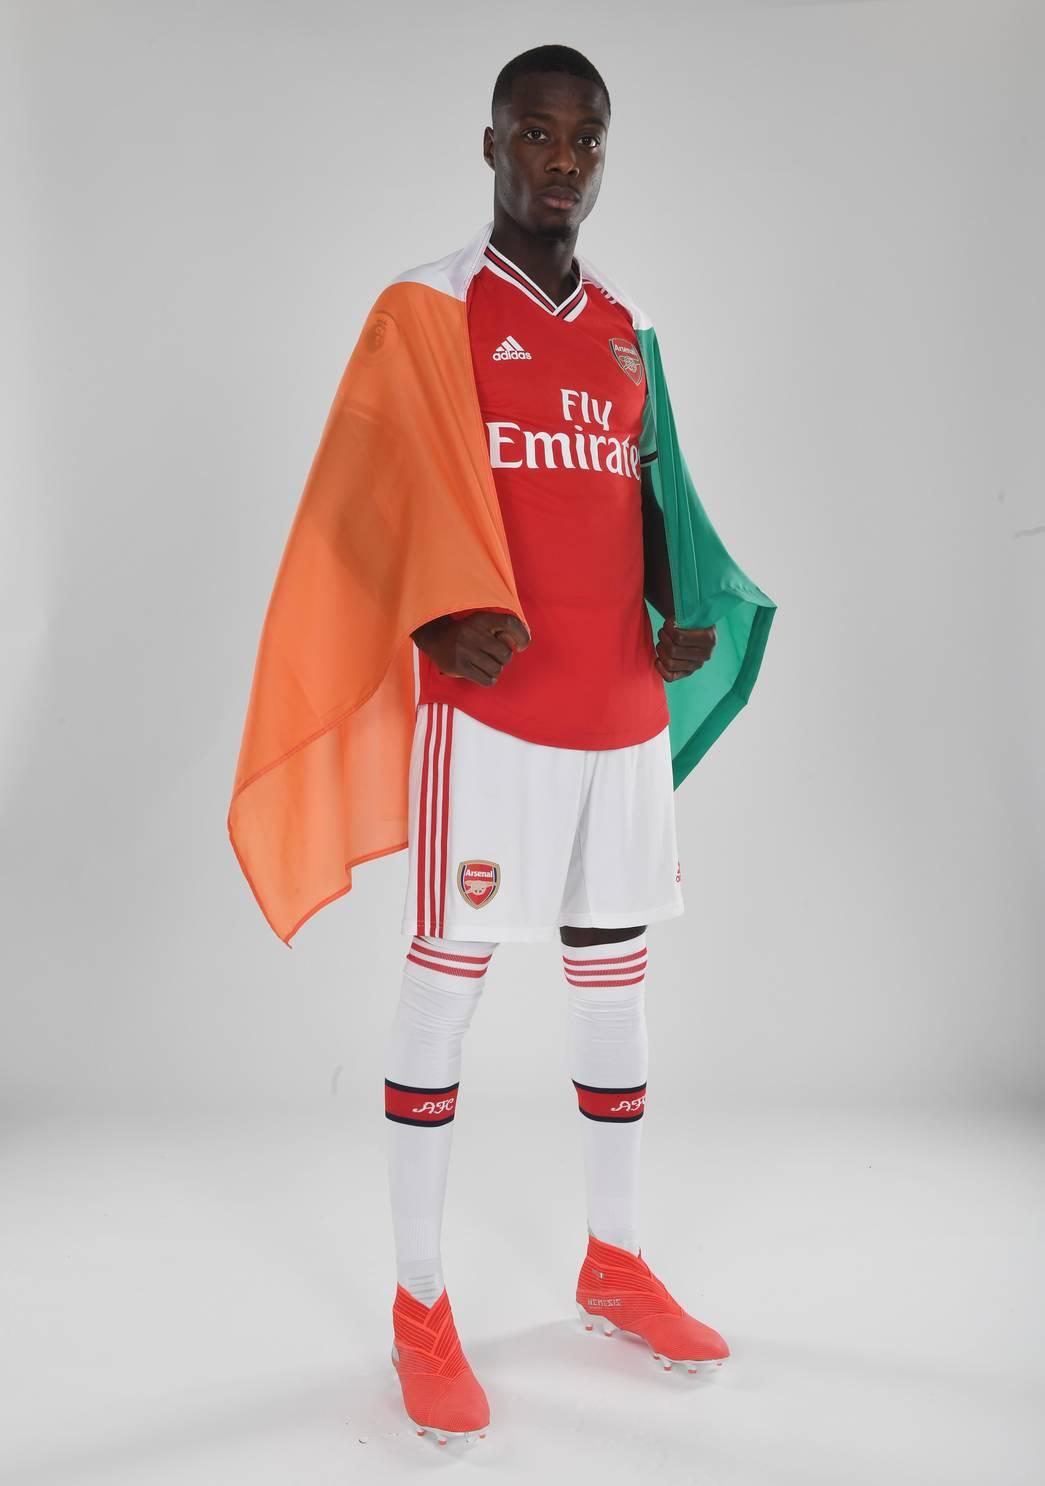 Ảnh Pepe ra mắt Arsenal - Bóng Đá